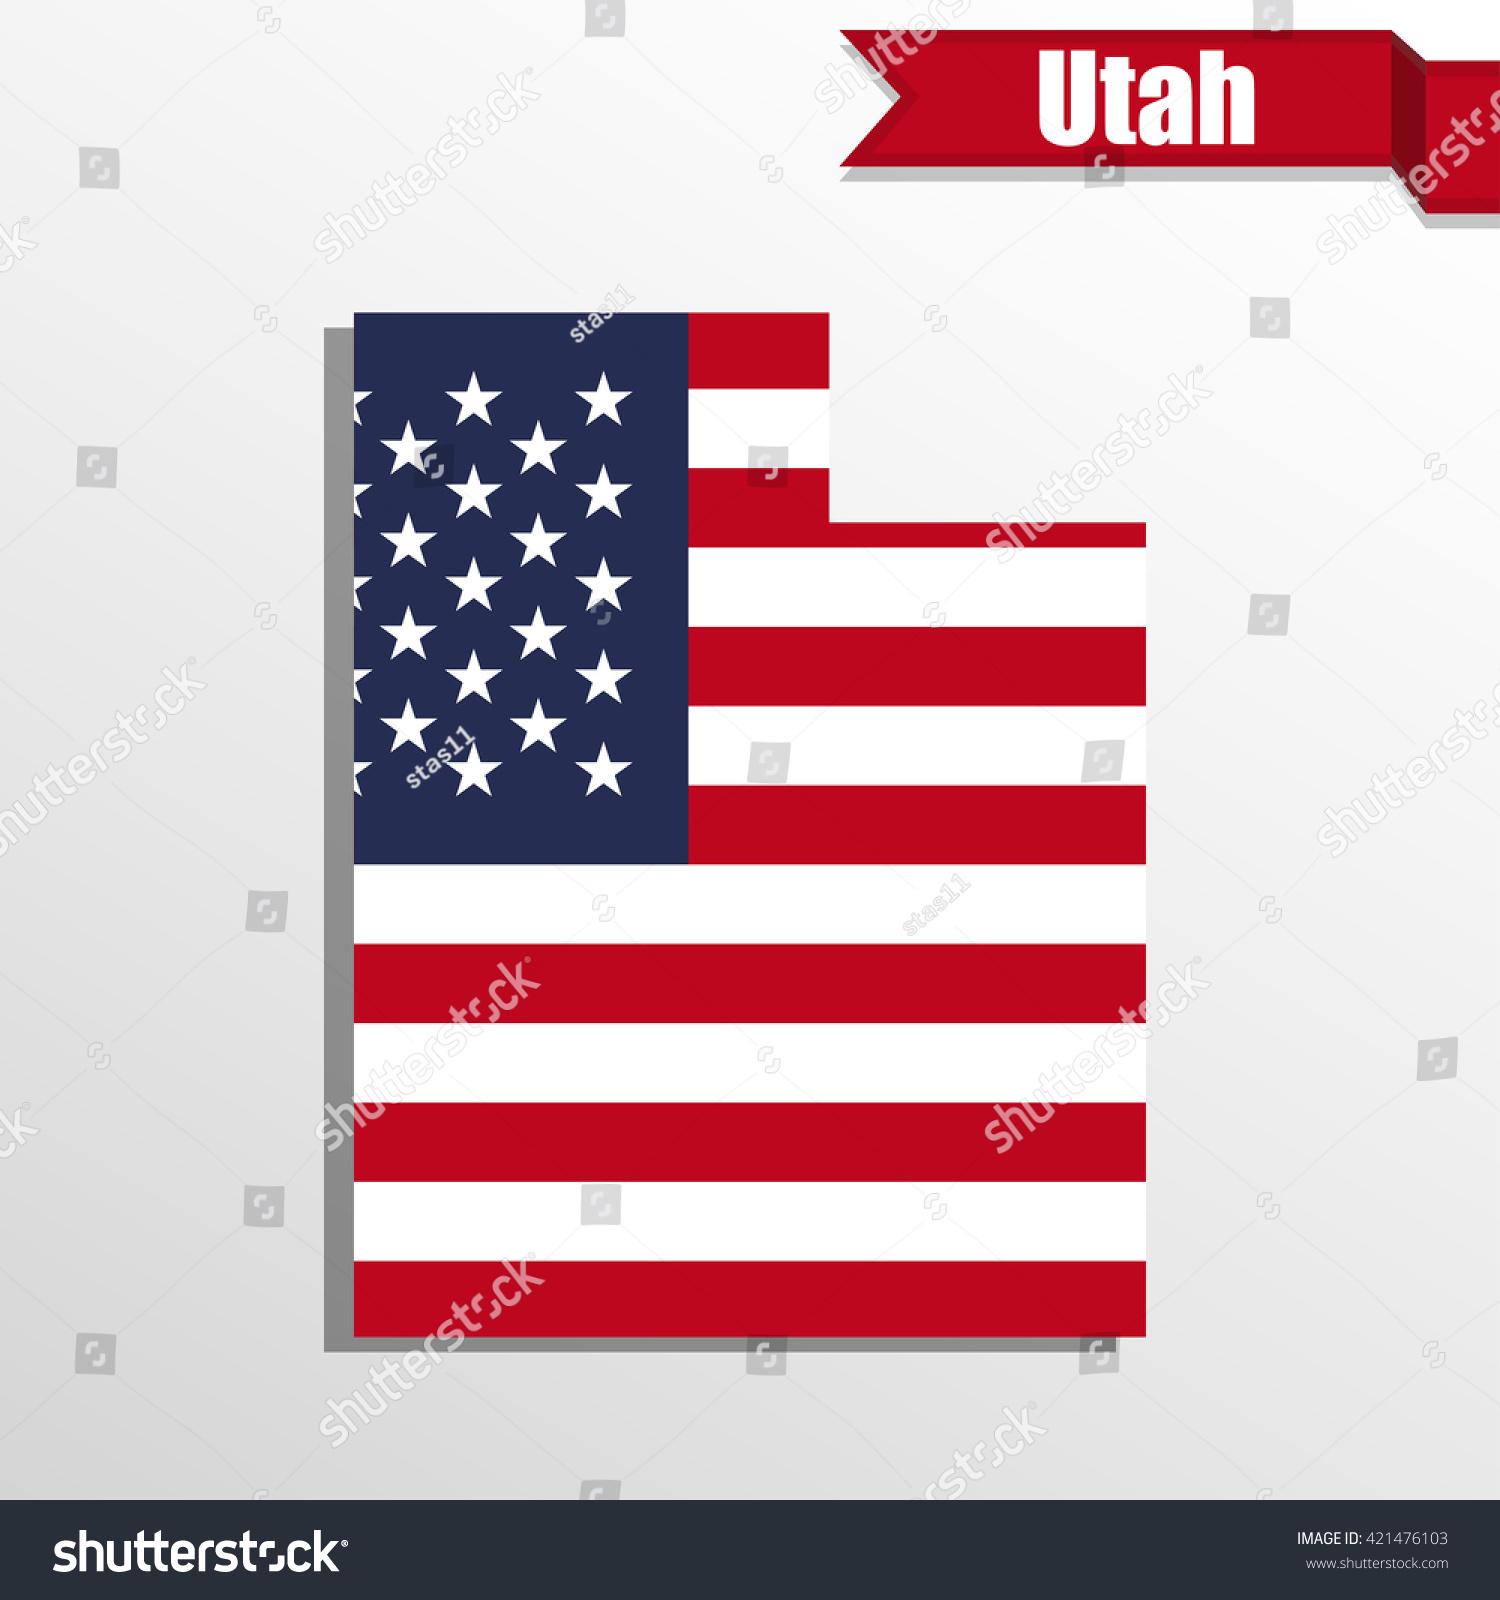 Utah State On USA Map Utah Flag And Map US States Royalty Free - Utah on a us map